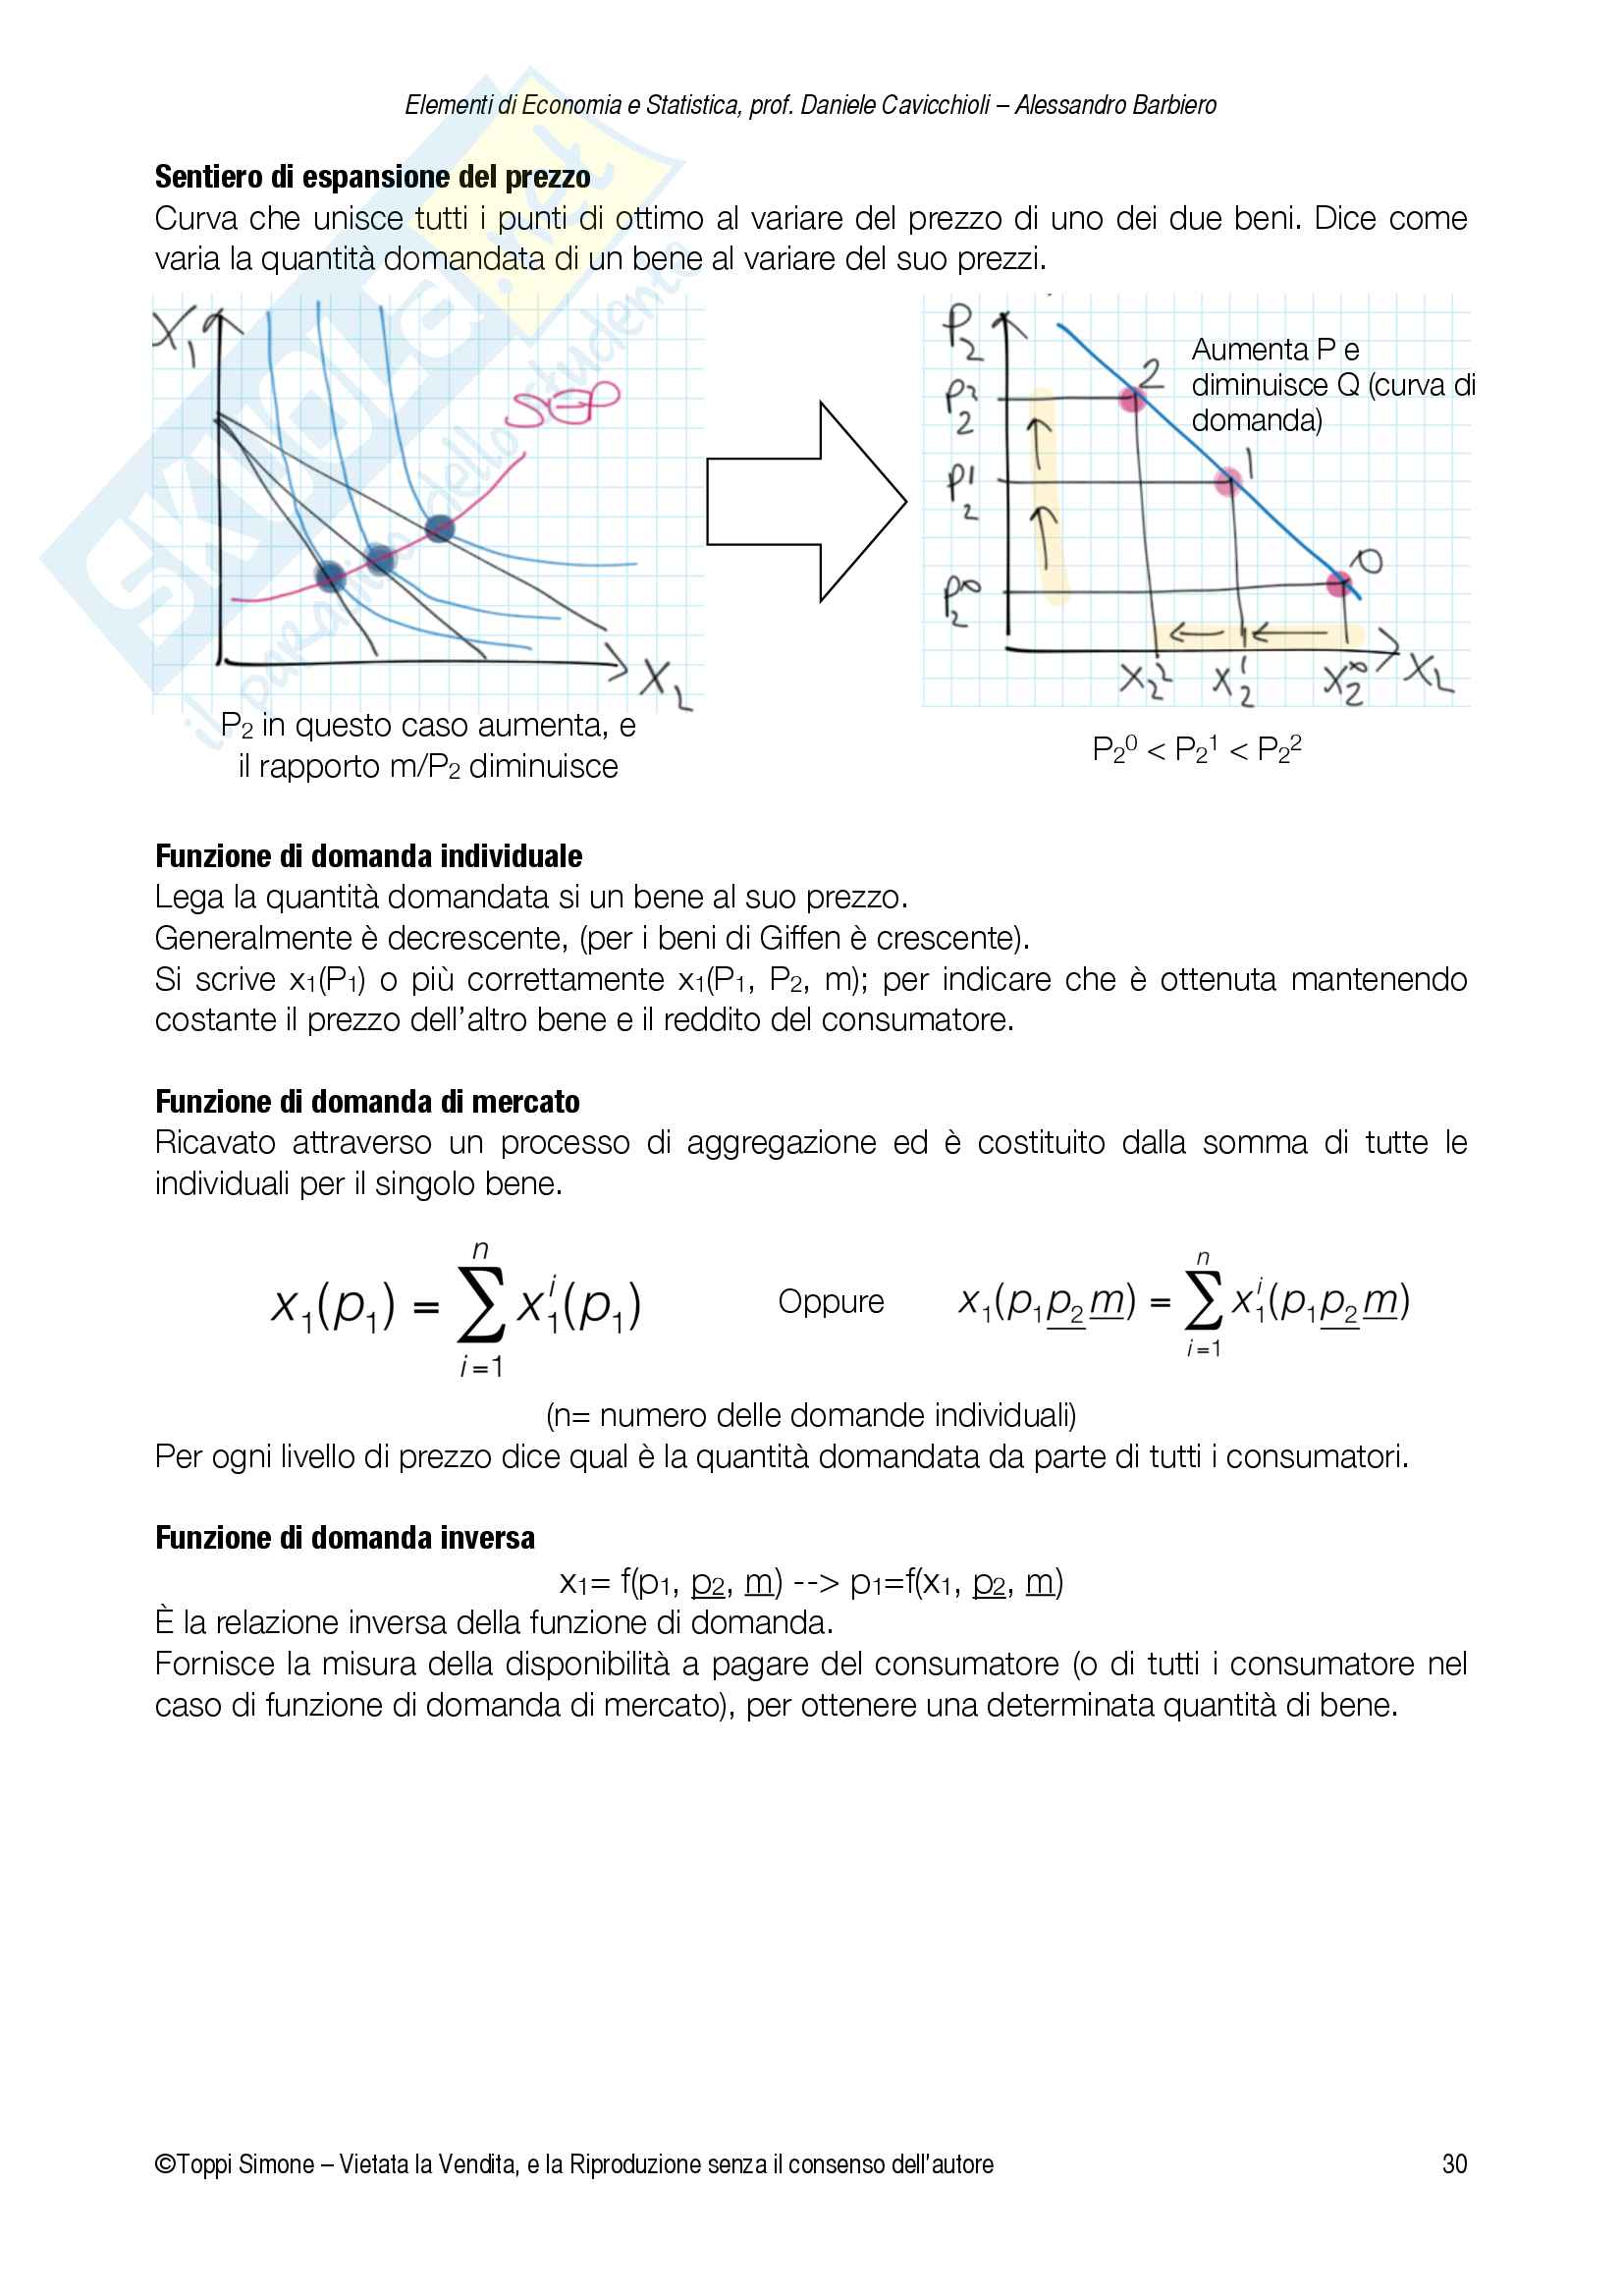 Appunti Economia e Statistica Pag. 31